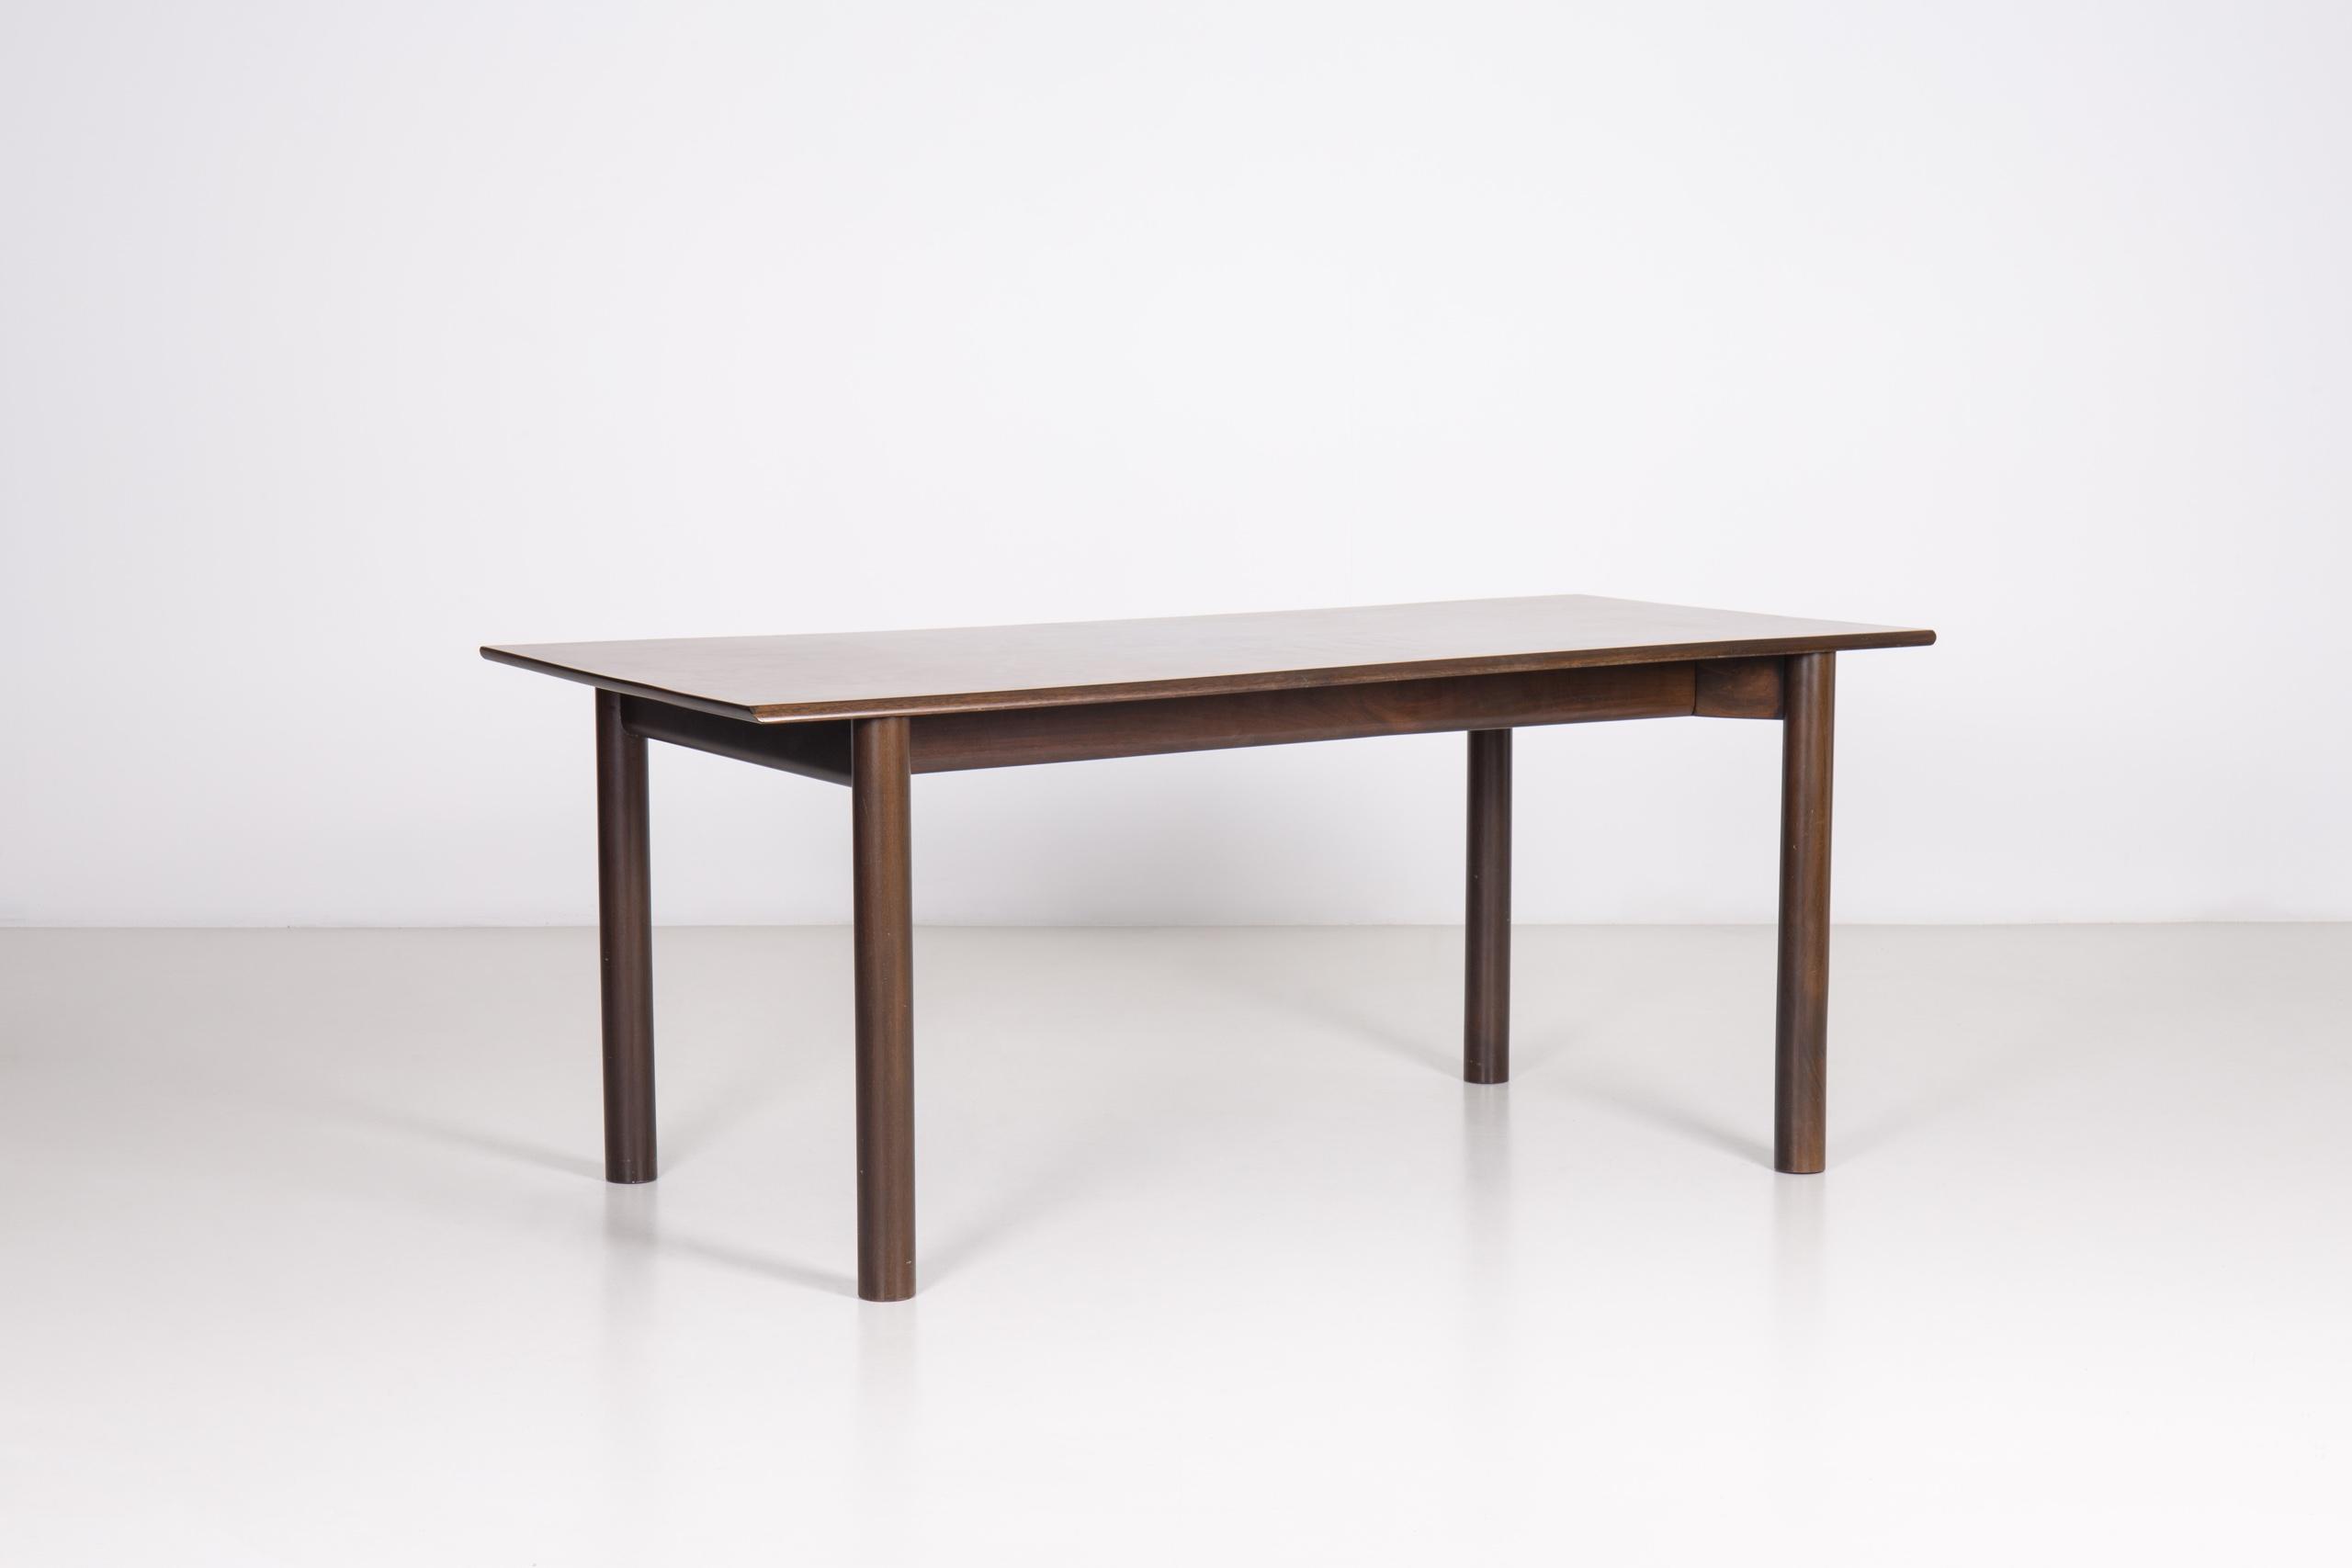 Milano table by Achille & Pier Giacomo Castiglioni | Paradisoterrestre